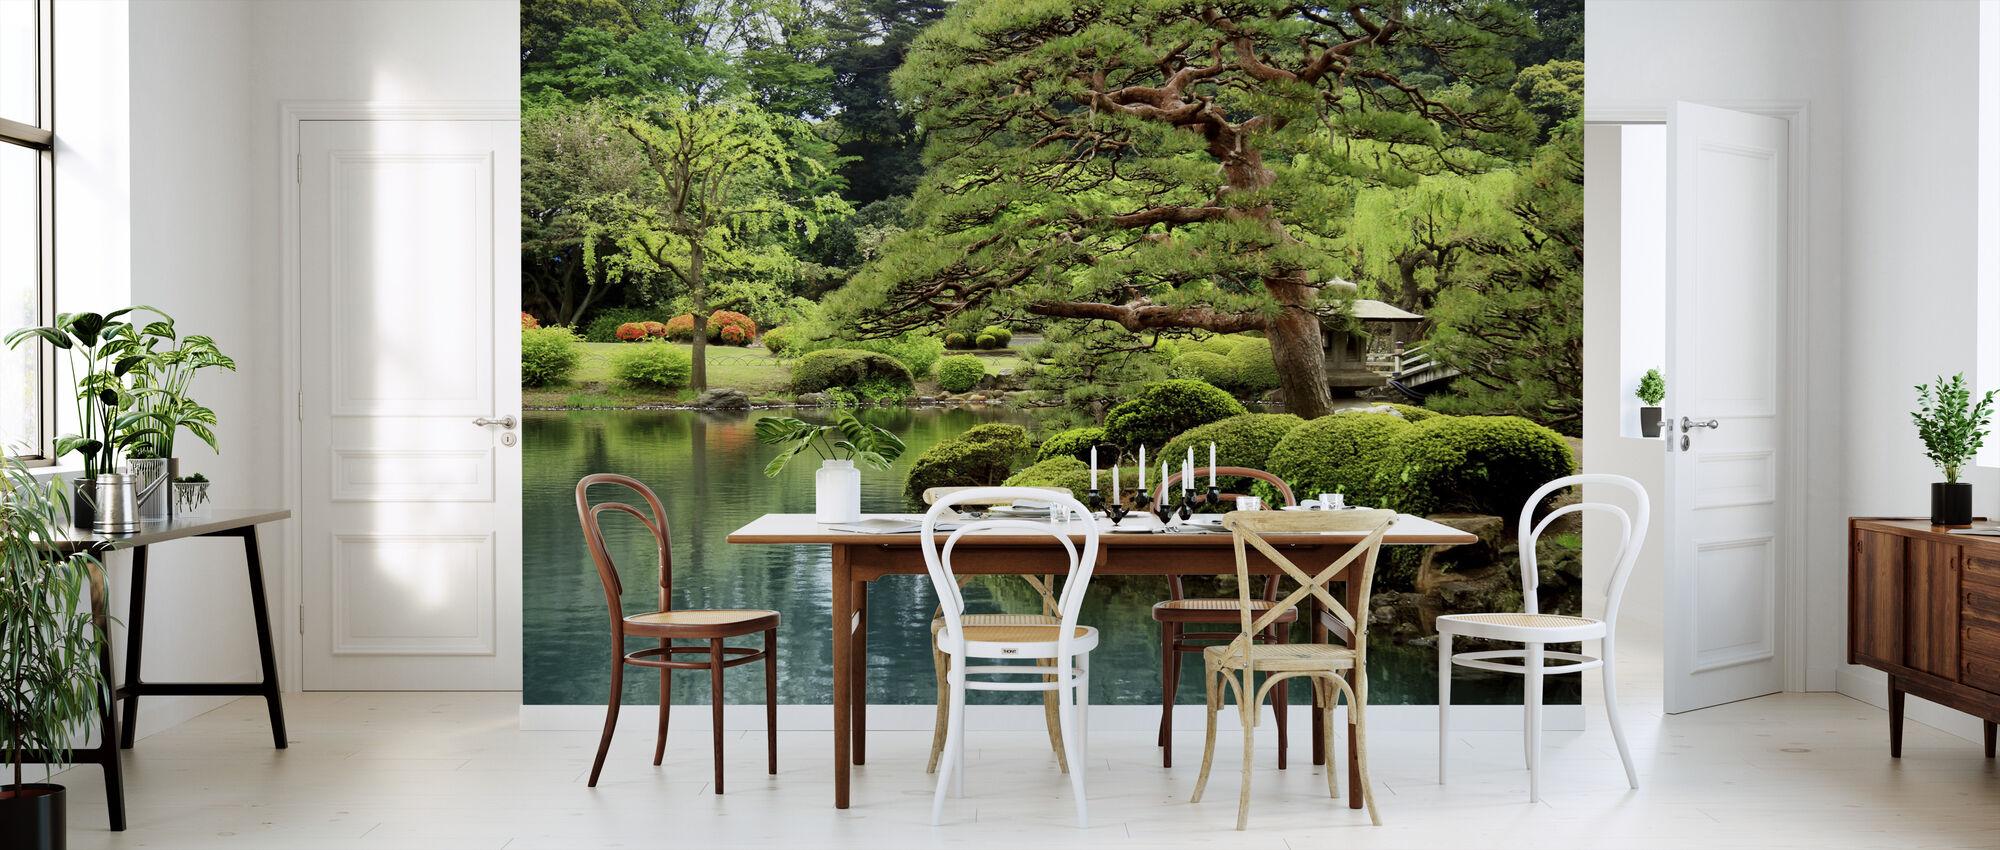 Rolig Zen Lake og Bonsai Træer i Tokyo Garden - Tapet - Køkken